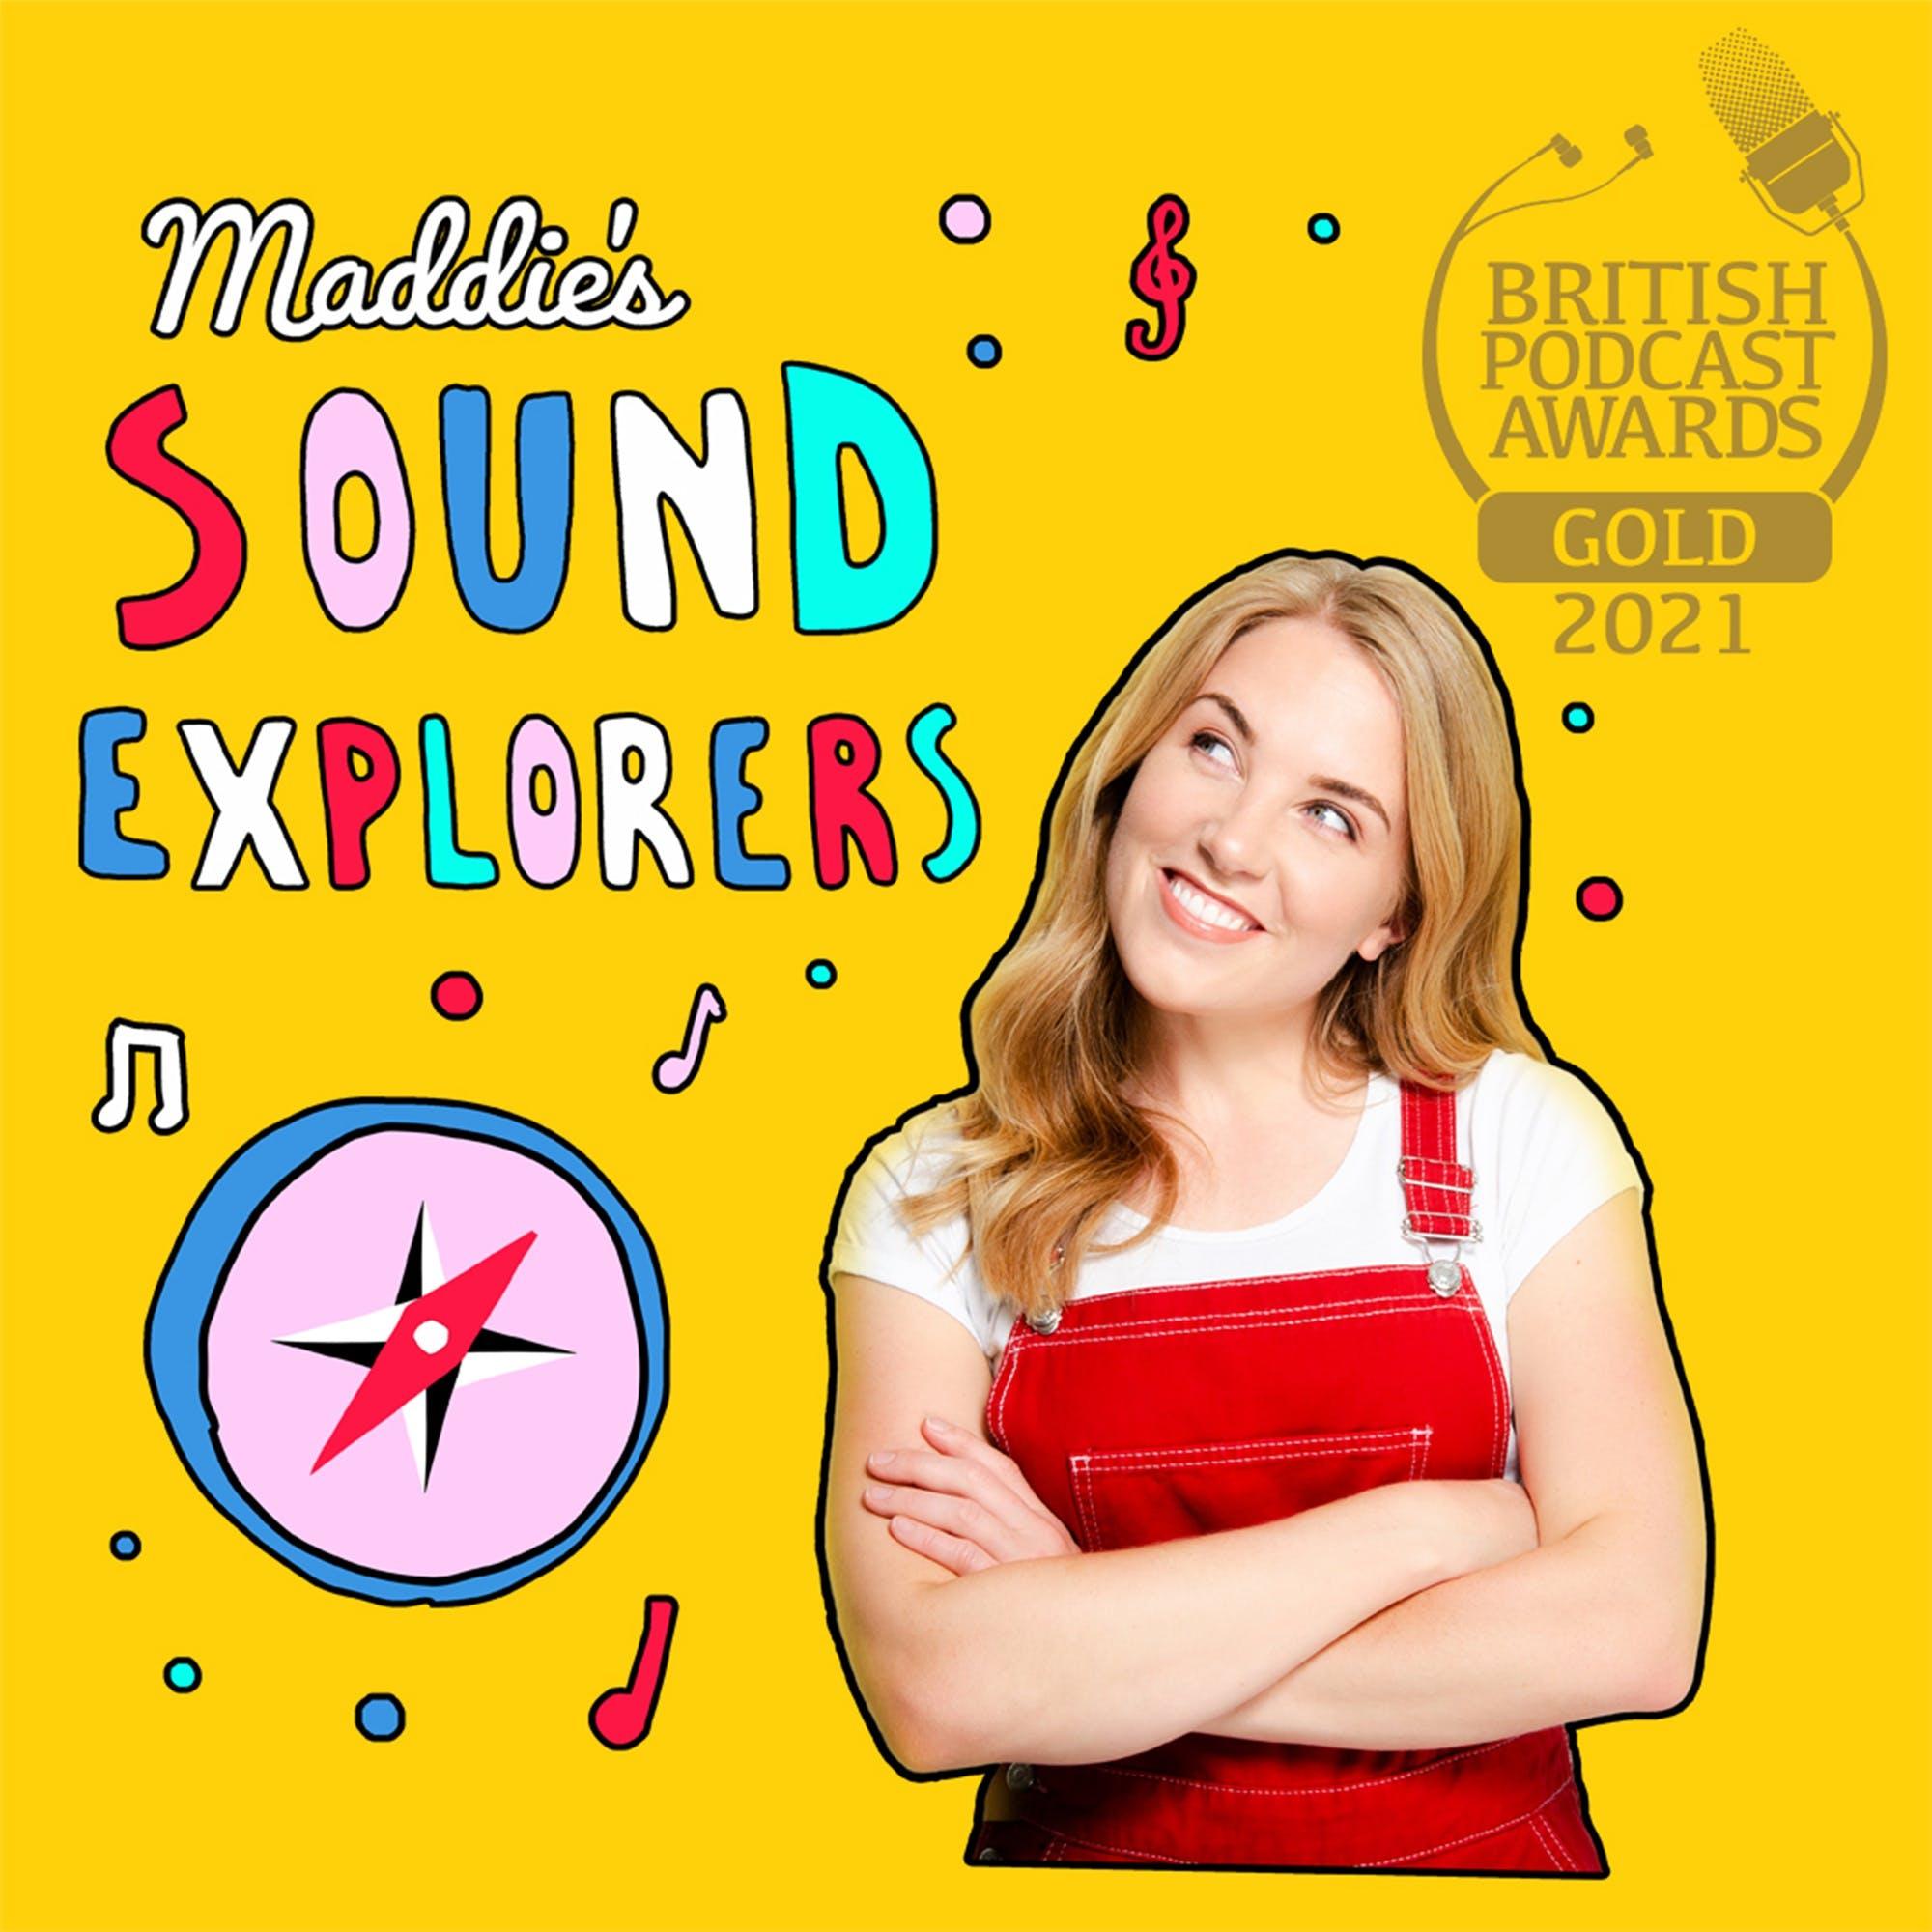 Maddie's Sound Explorers